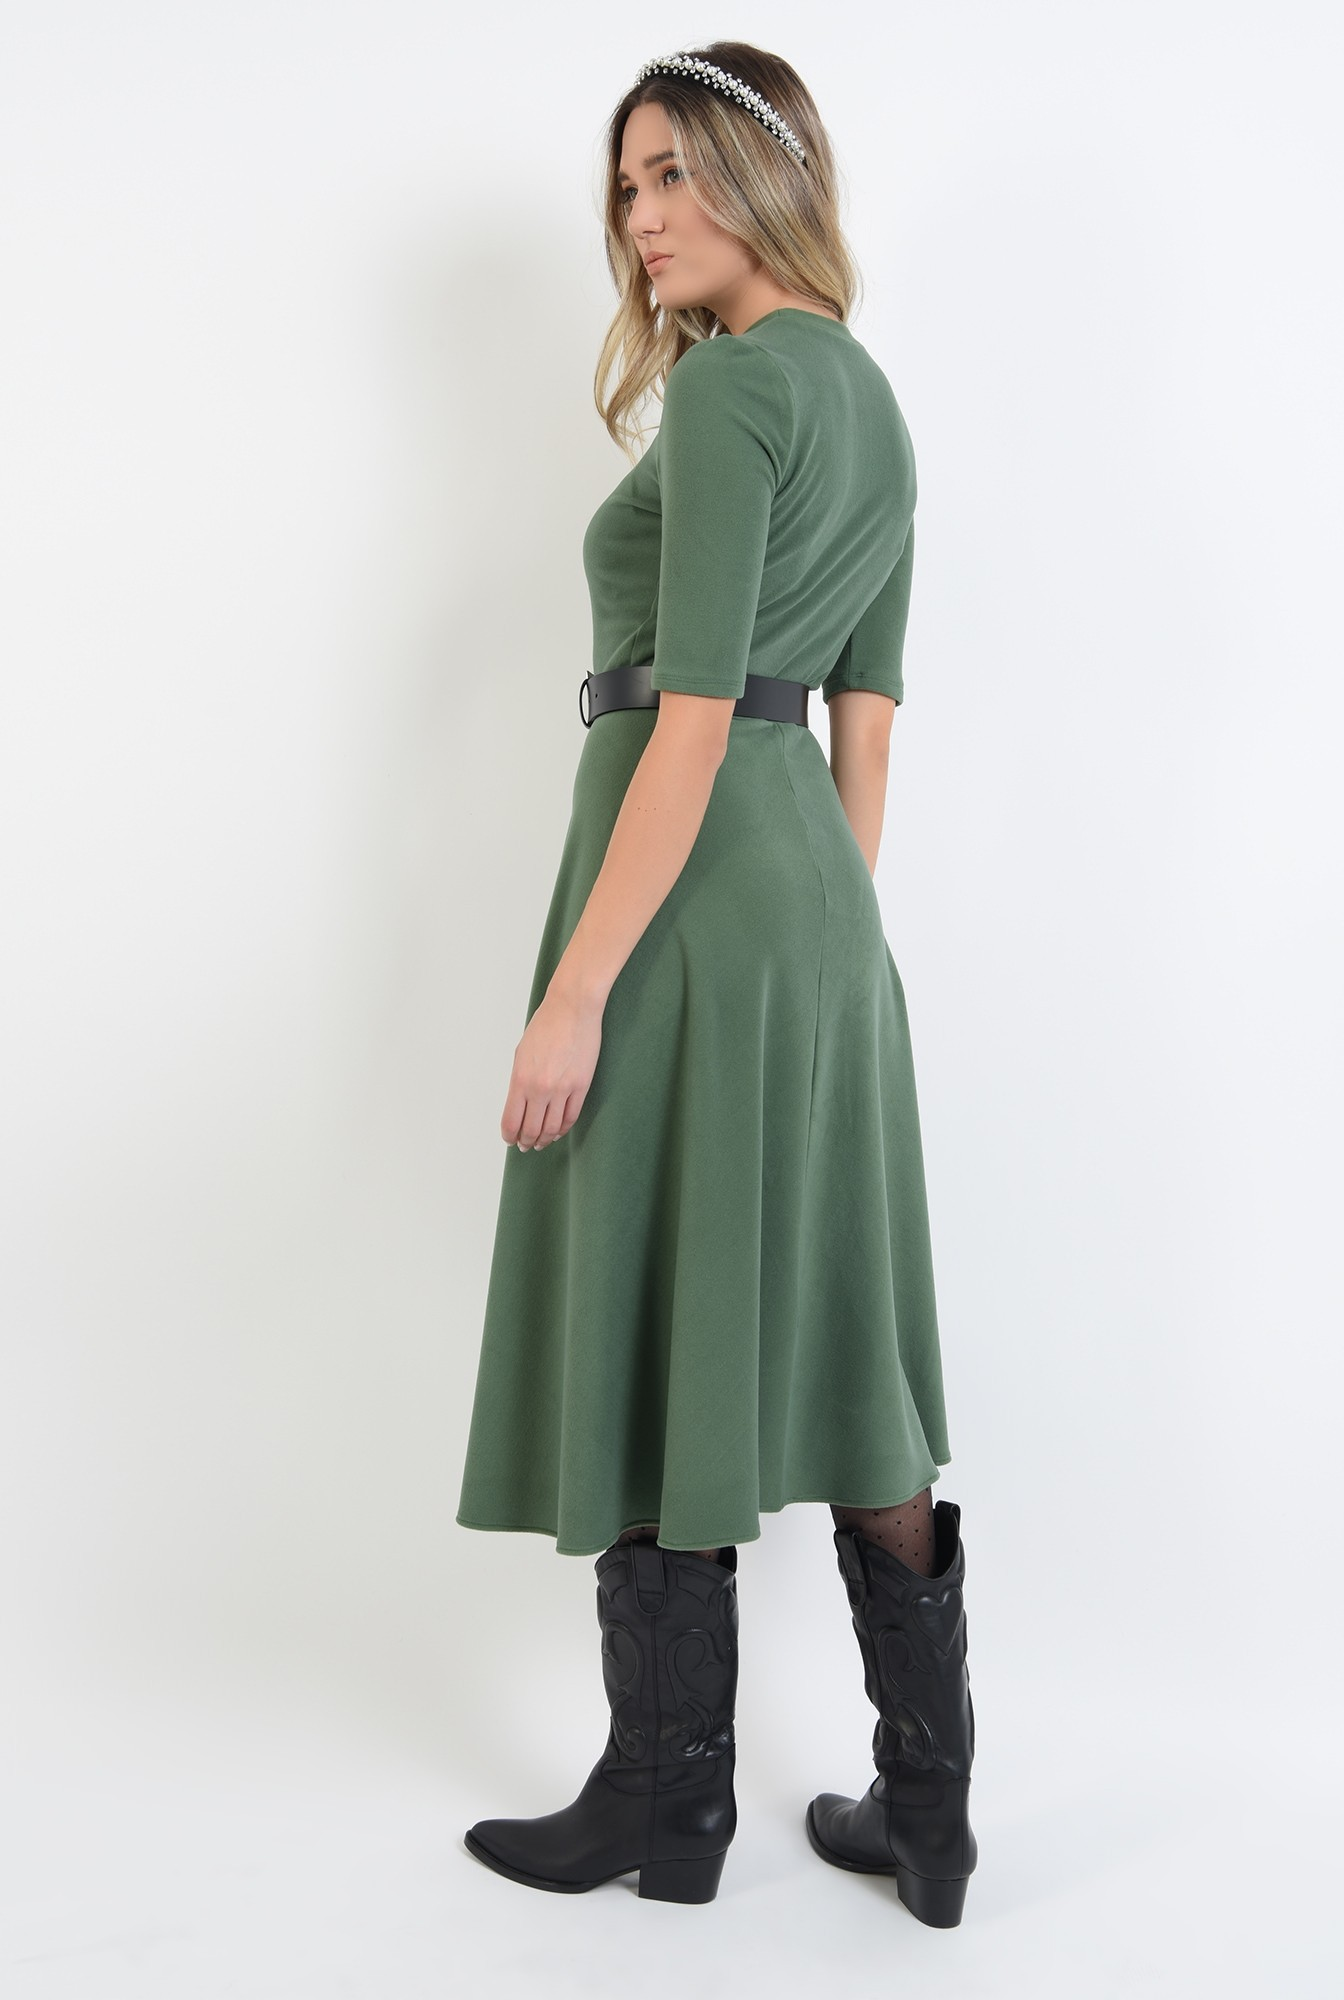 2 - 360 - rochie midi, verde, din jerseu, cu guler